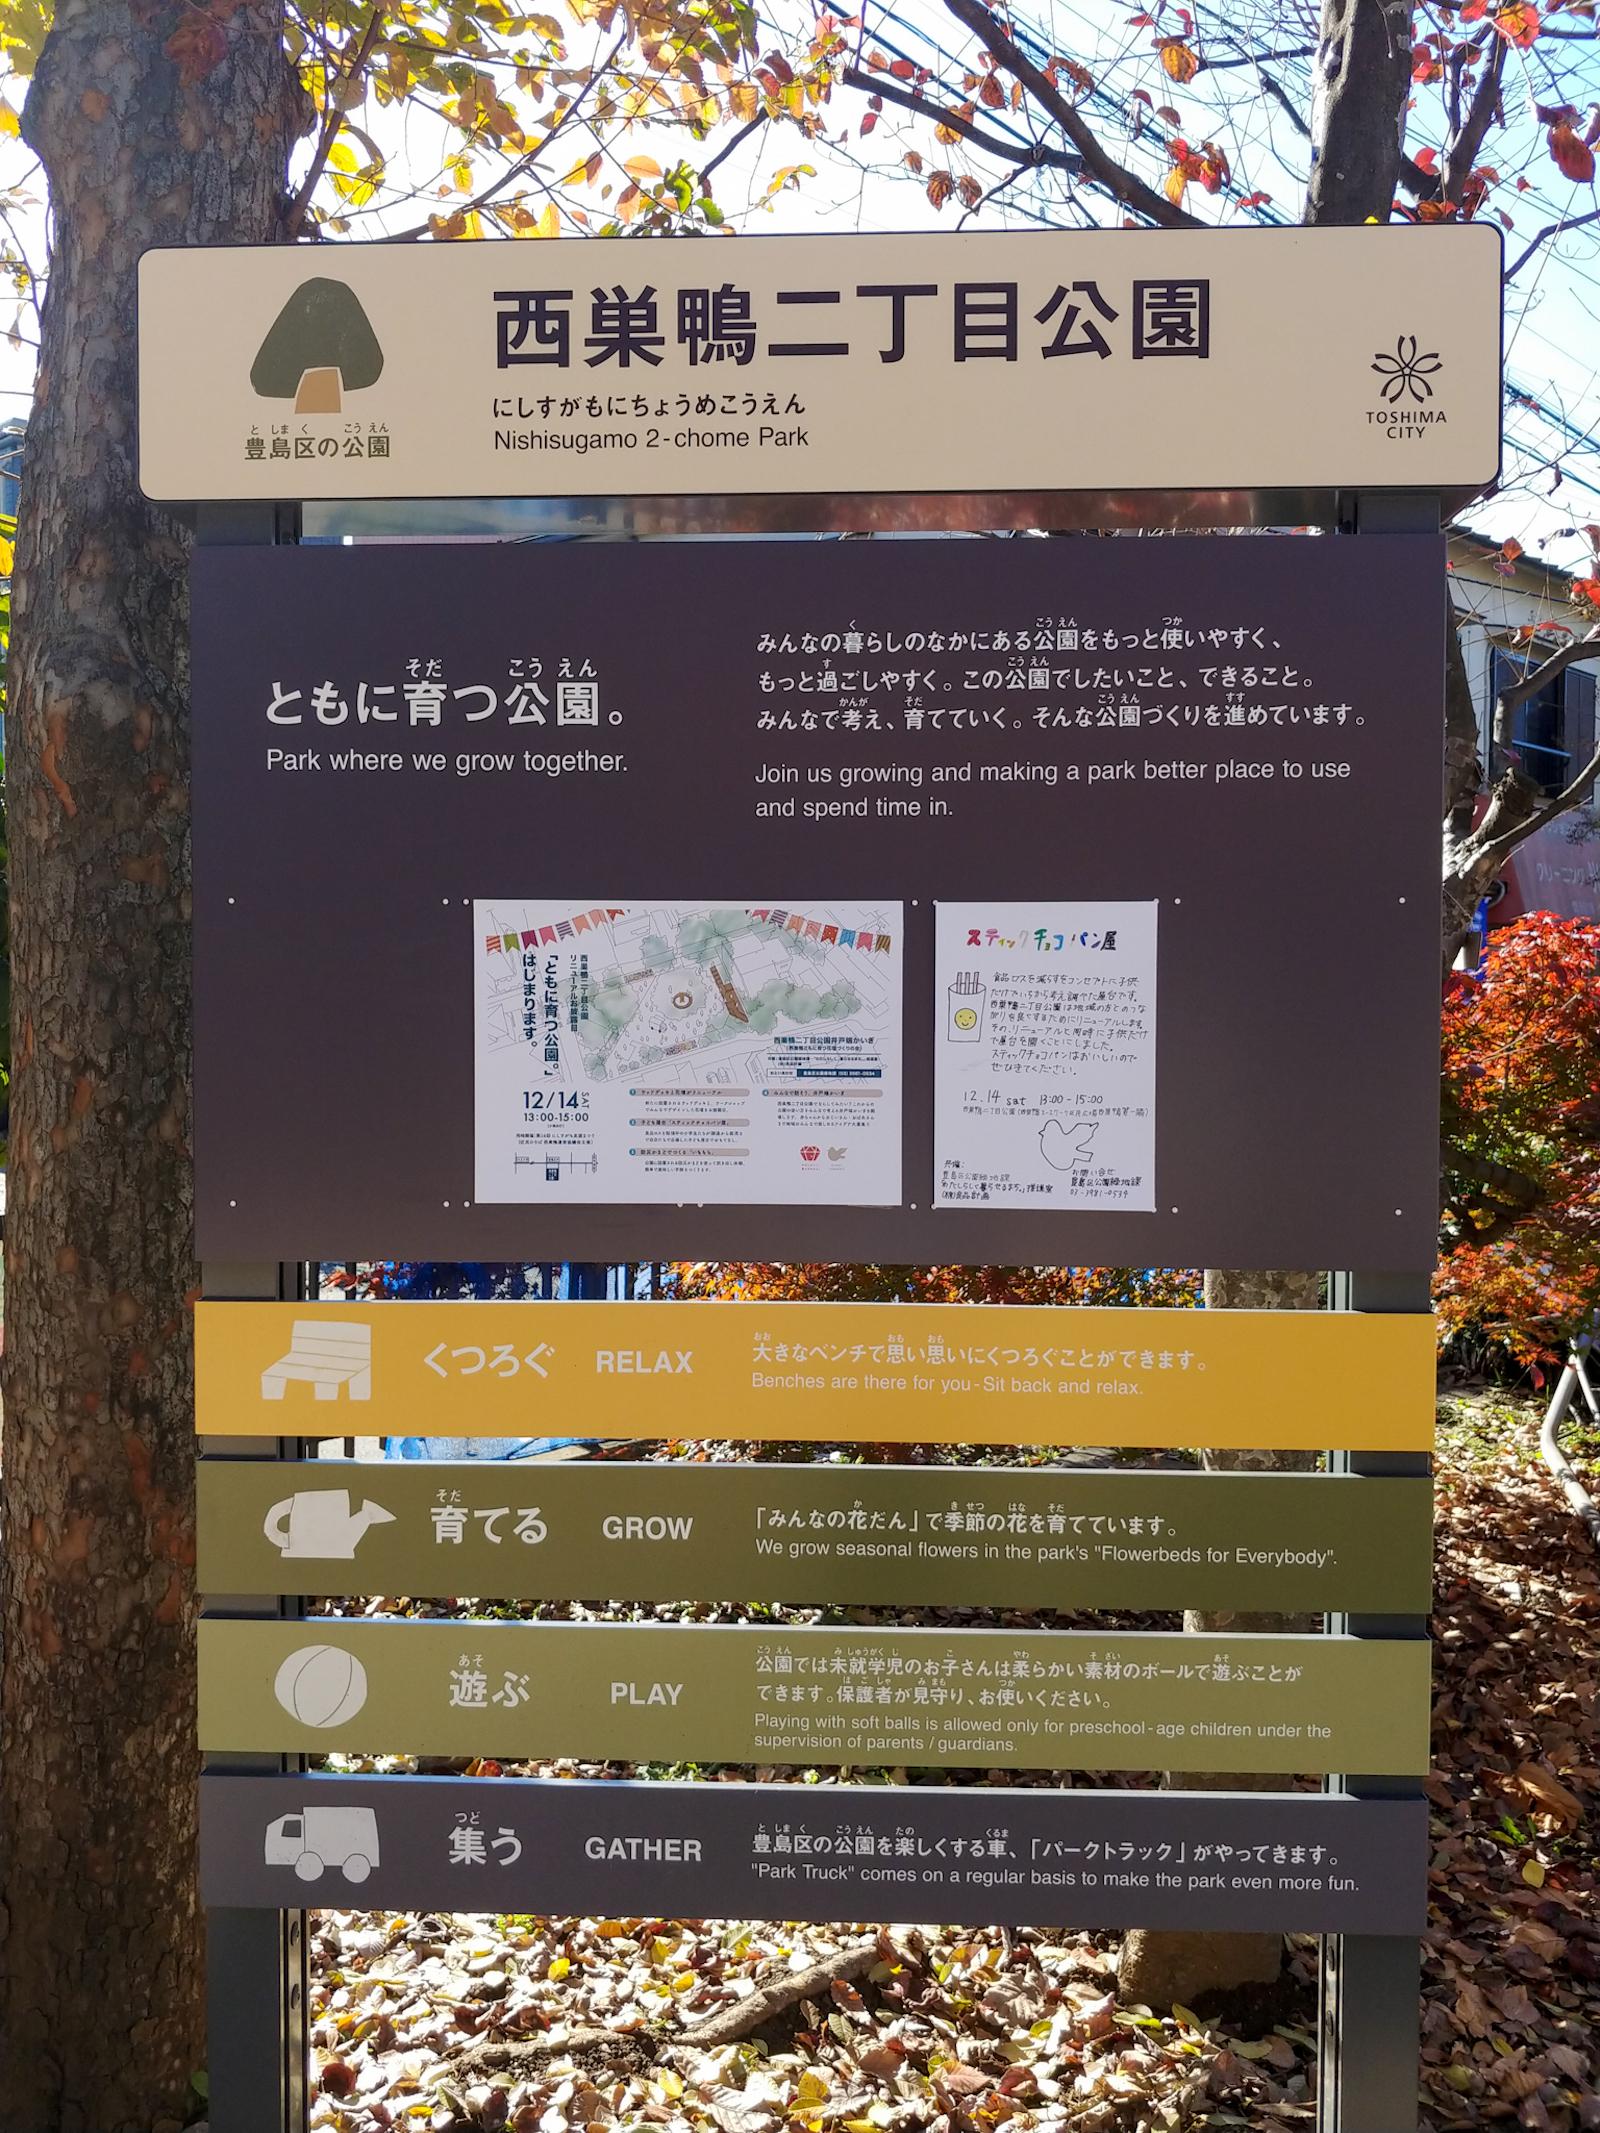 「できる」のサインの上部は住民が気軽に使用できるインフォメーションボードとして機能する。